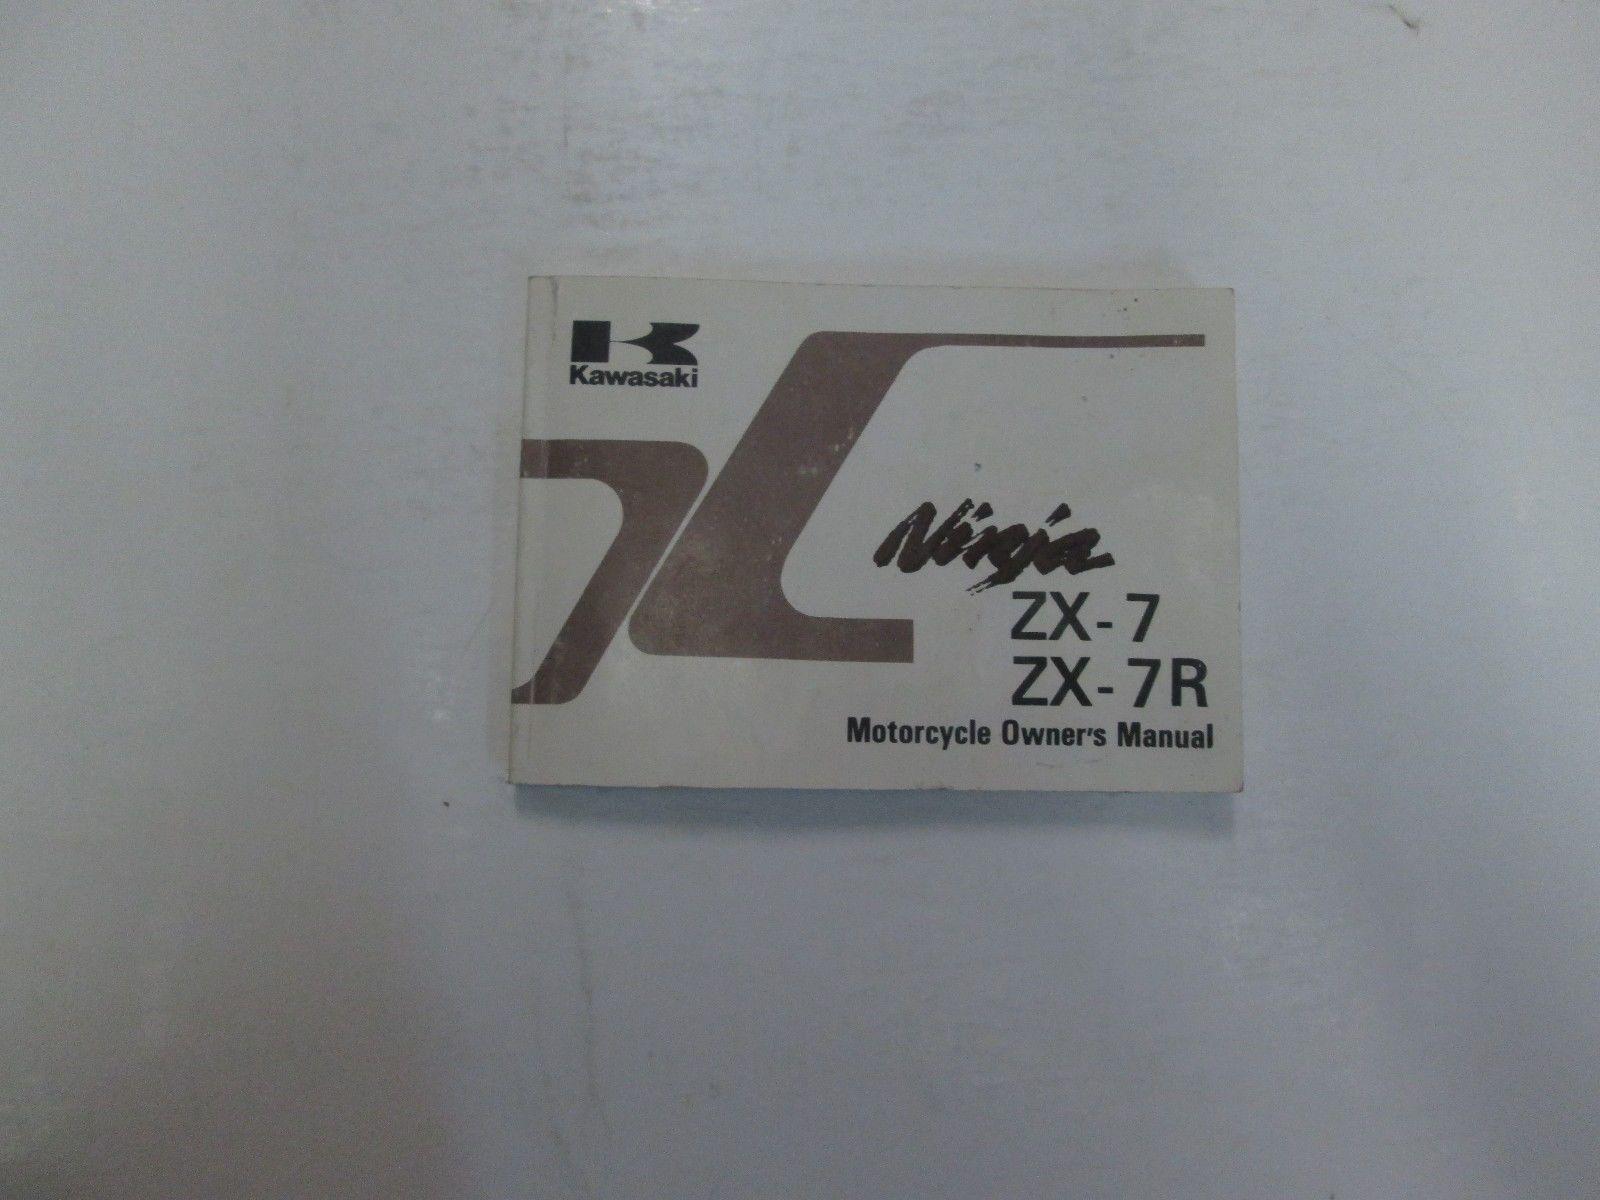 1995 Kawasaki Ninja ZX-7 ZX7 ZX-7R ZX7R Motorcycle Owners Manual WORN FADED  ***